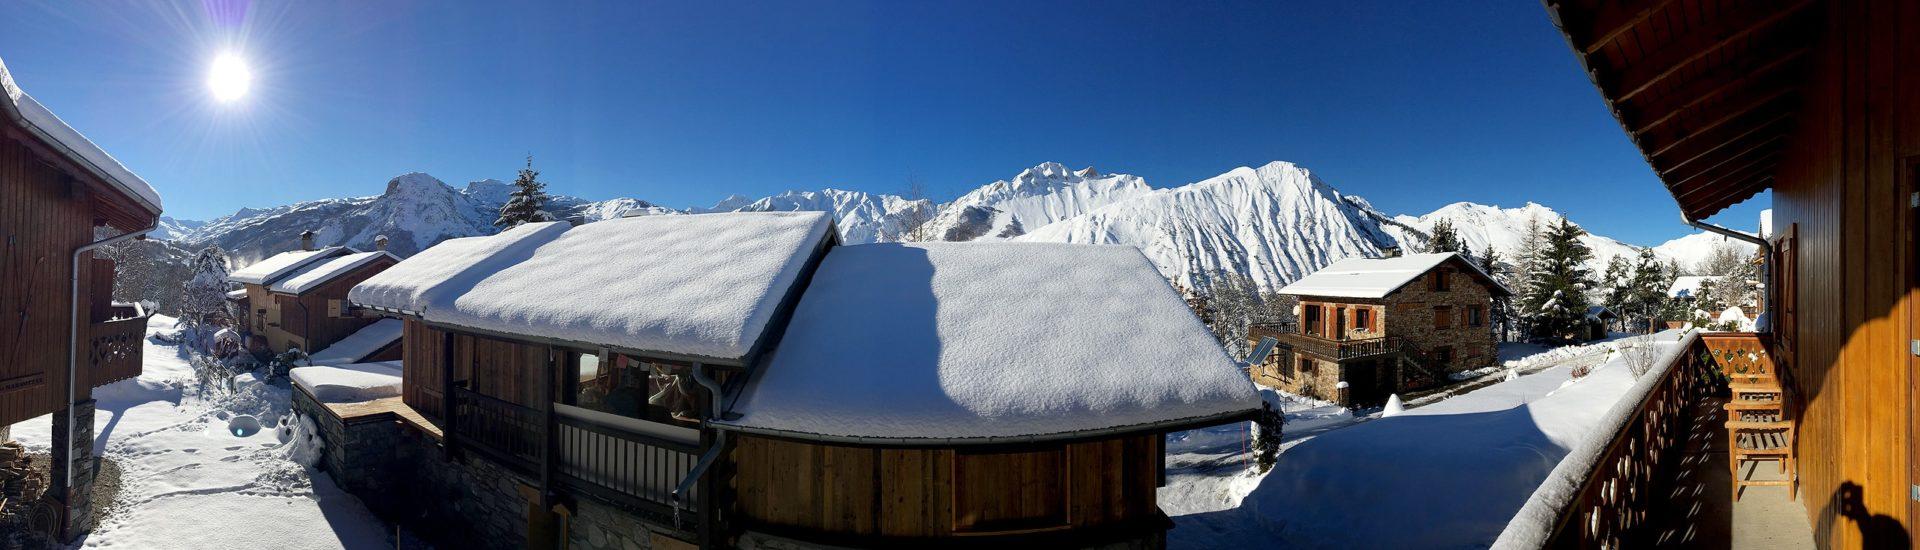 Chalet Amethyste / Vue panoramique Saint Martin de Belleville, Savoie